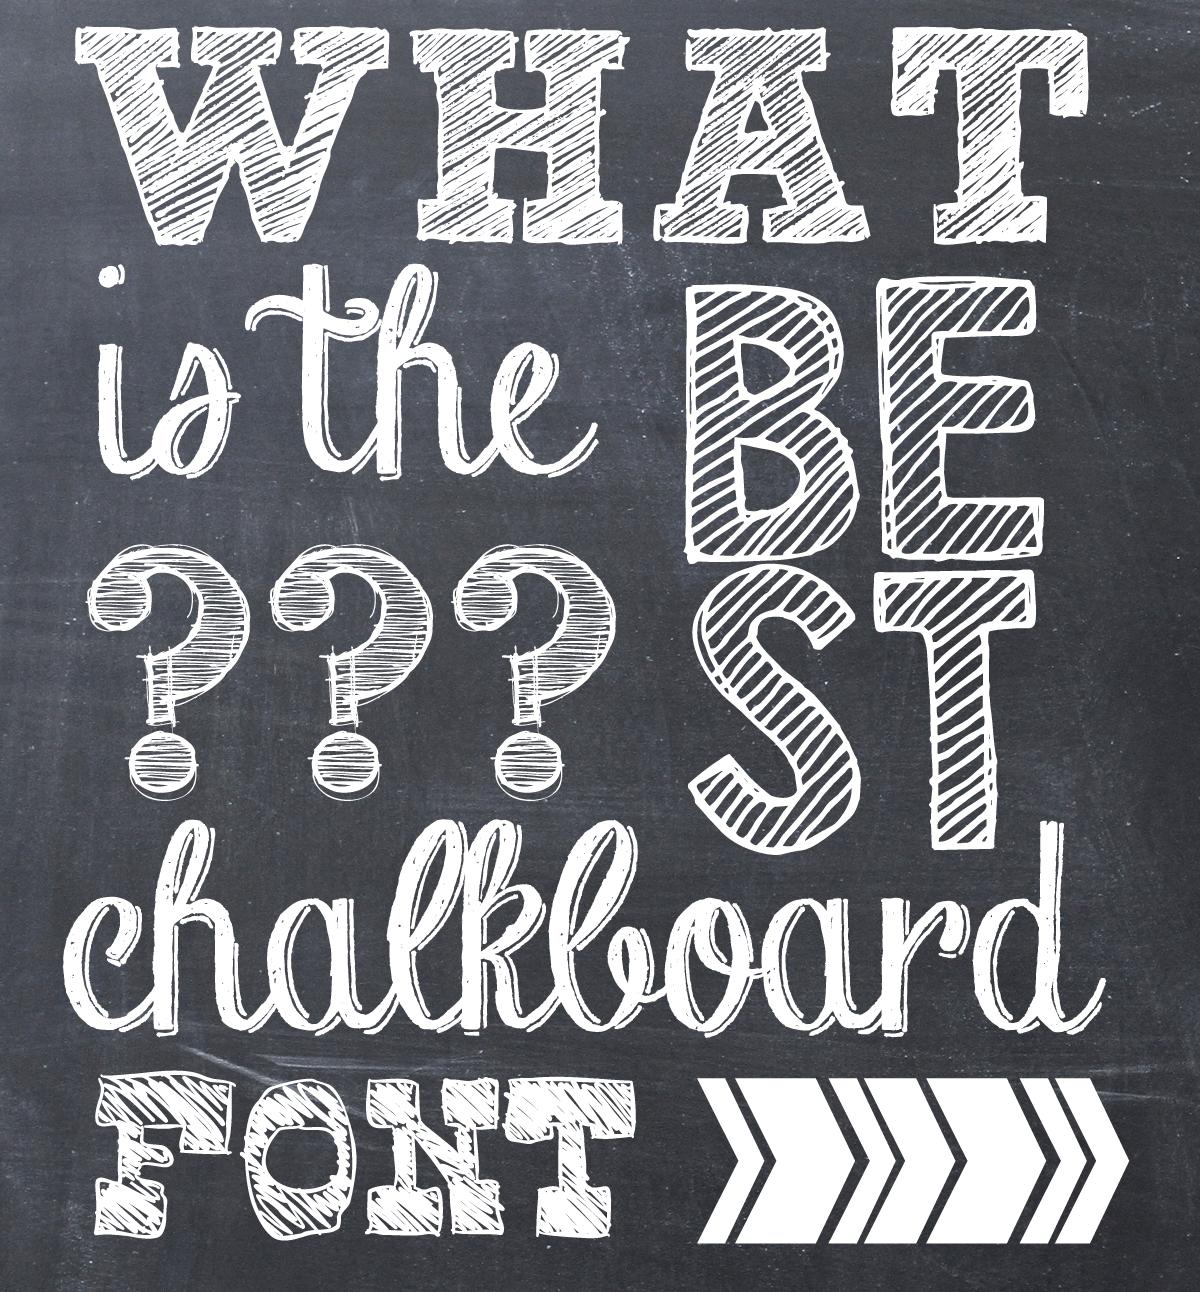 14 Chalkboard Scripture Cursive Font Images